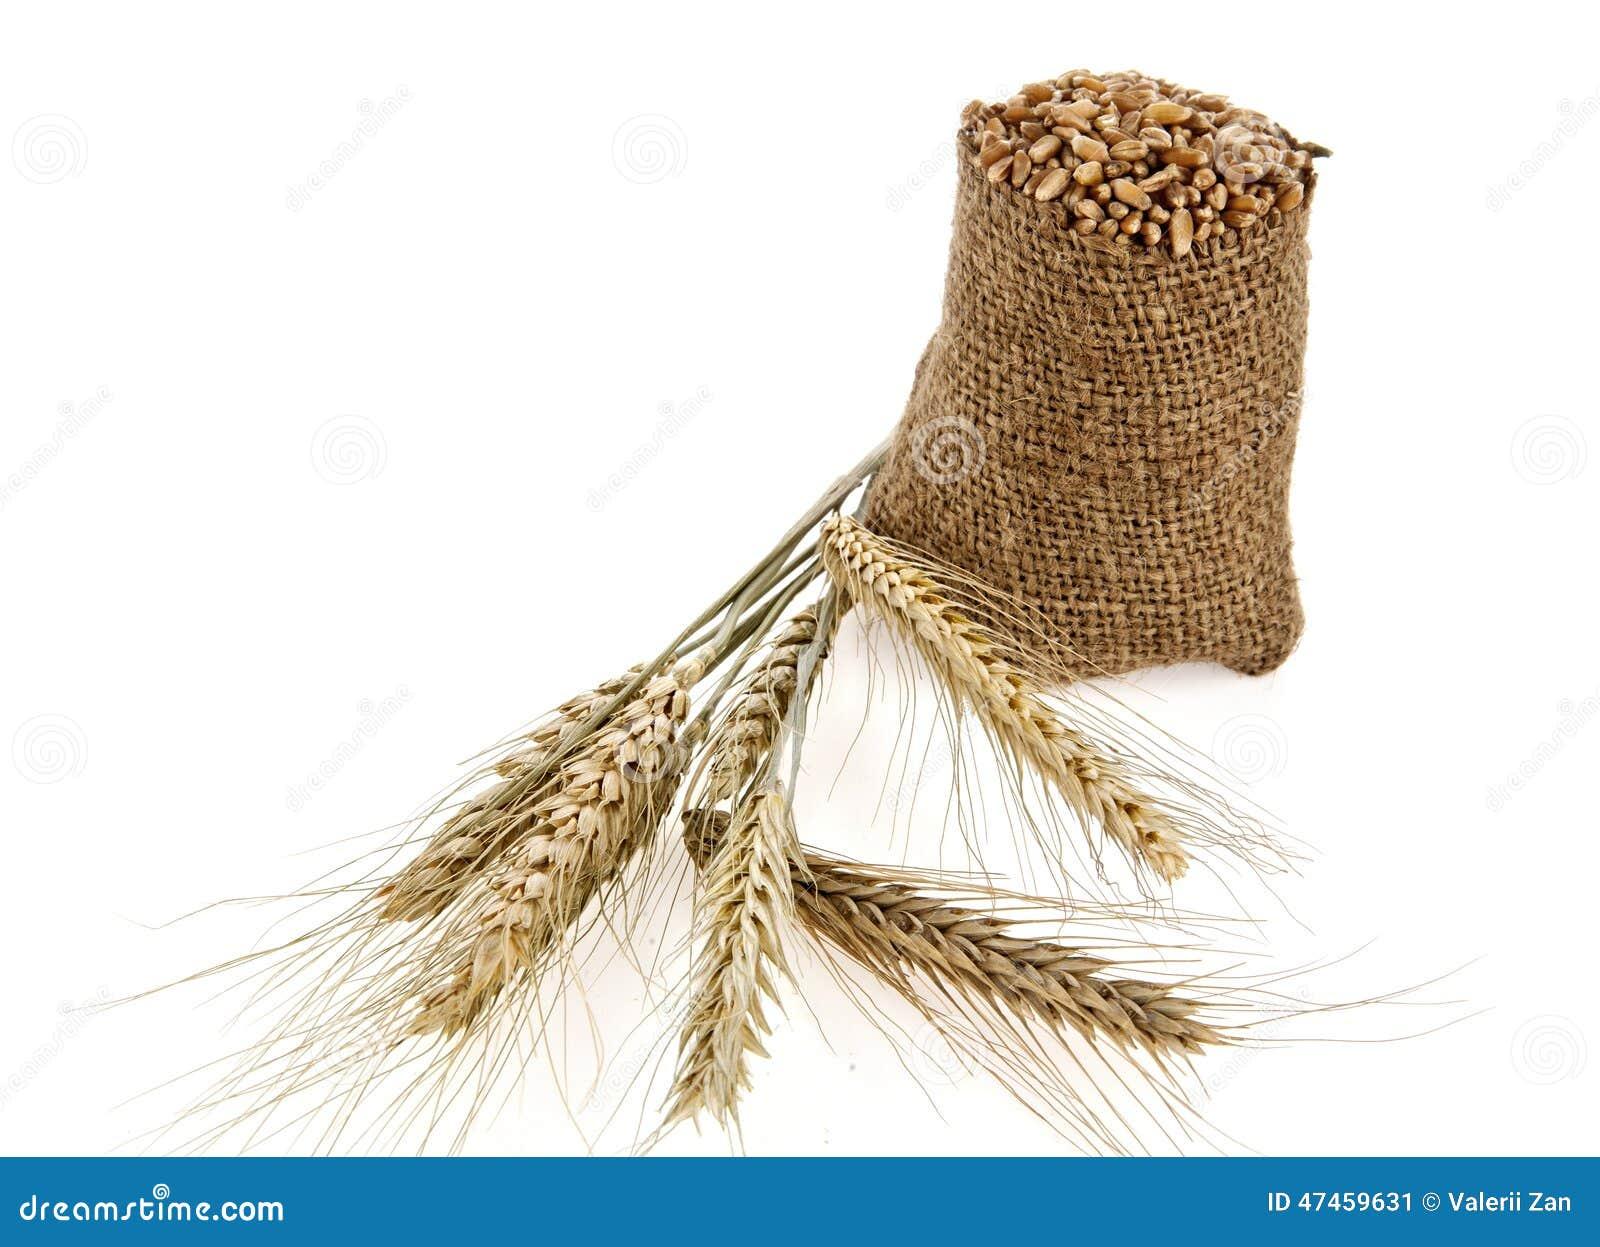 Sack Of Wheat Grains Bag Stock Photo | CartoonDealer.com ...